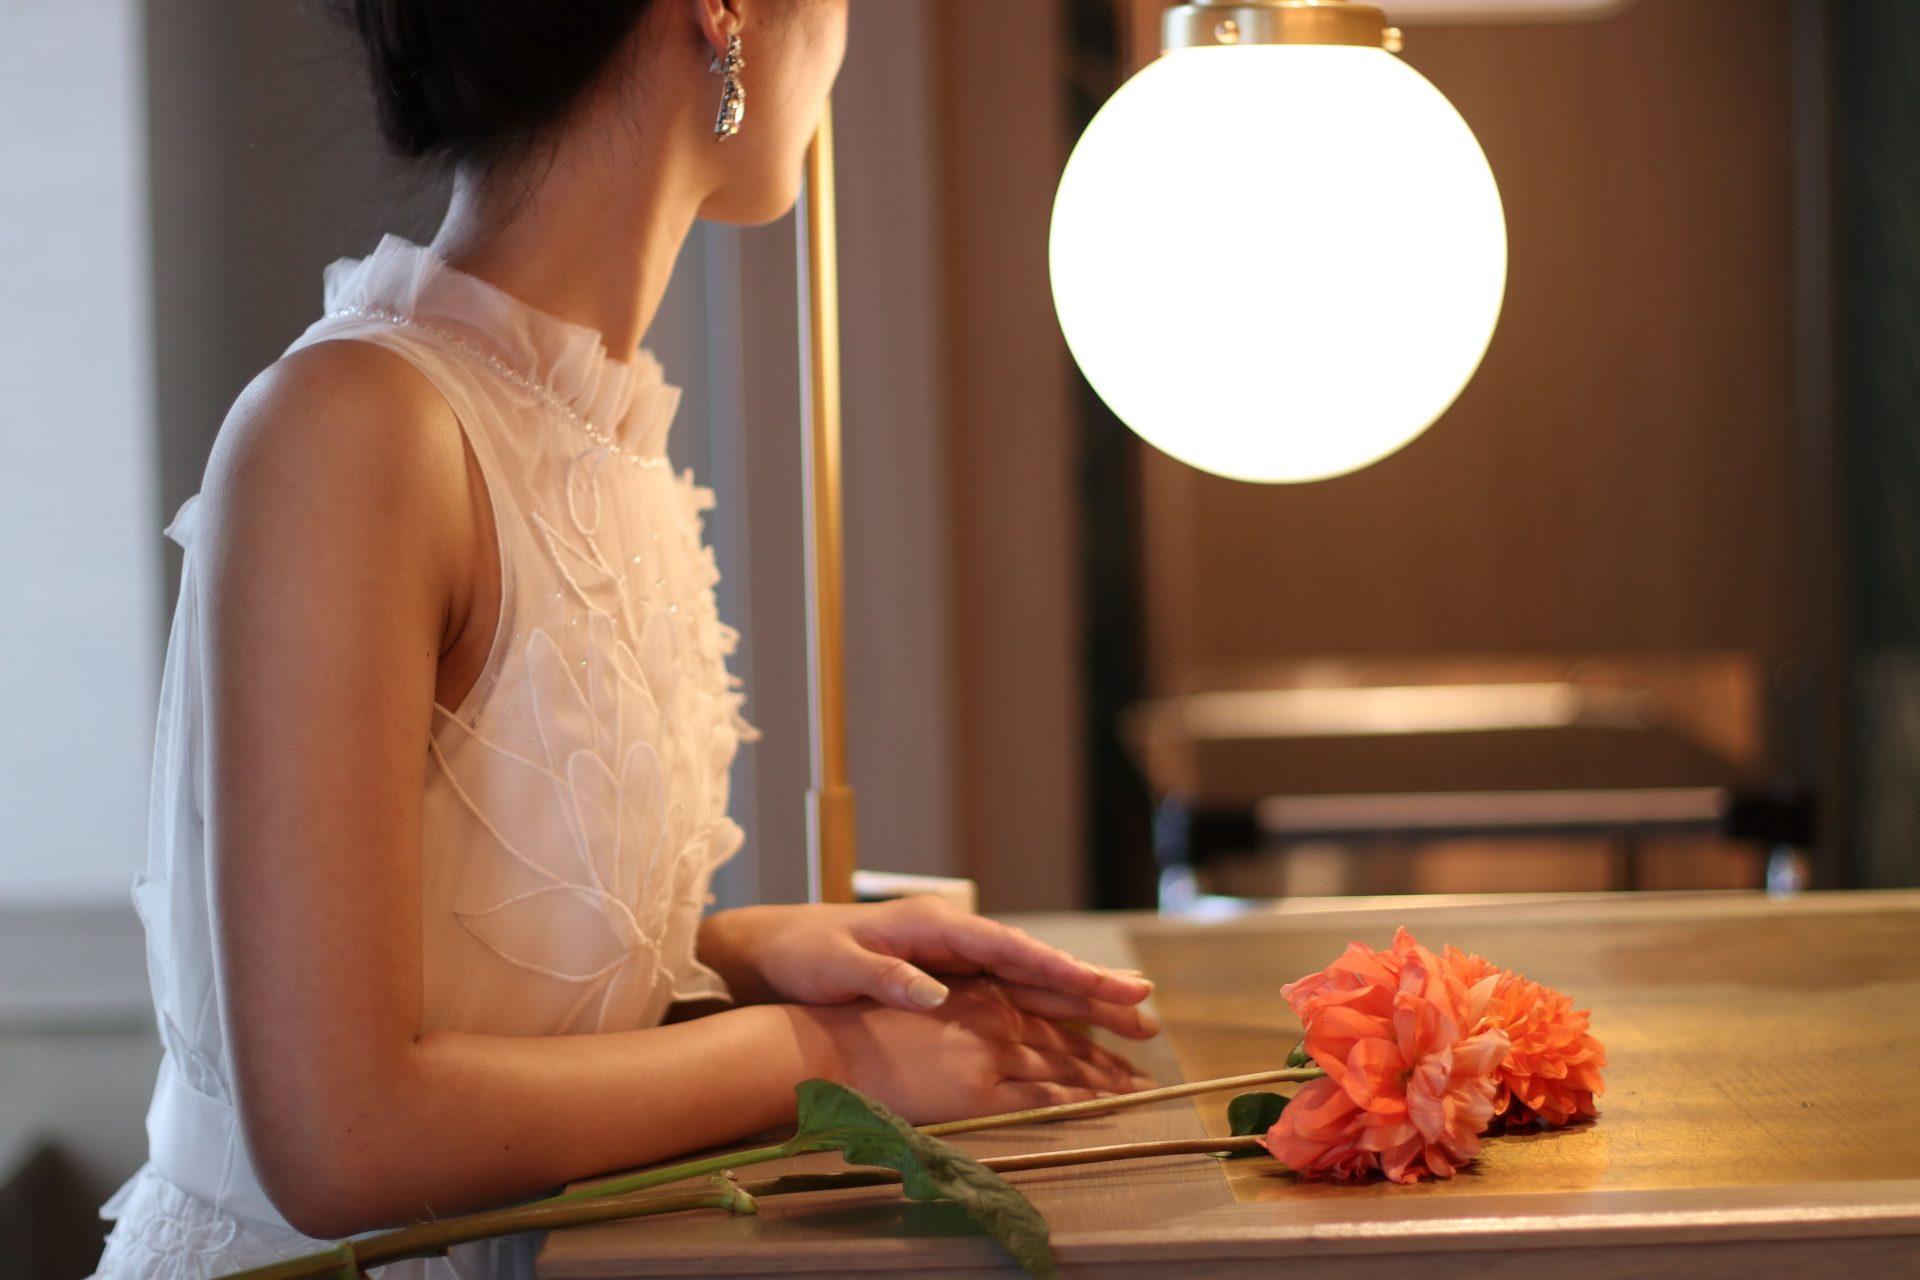 ザコンダーハウスにおすすめのシンプルなスレンダーラインのウエディングドレス